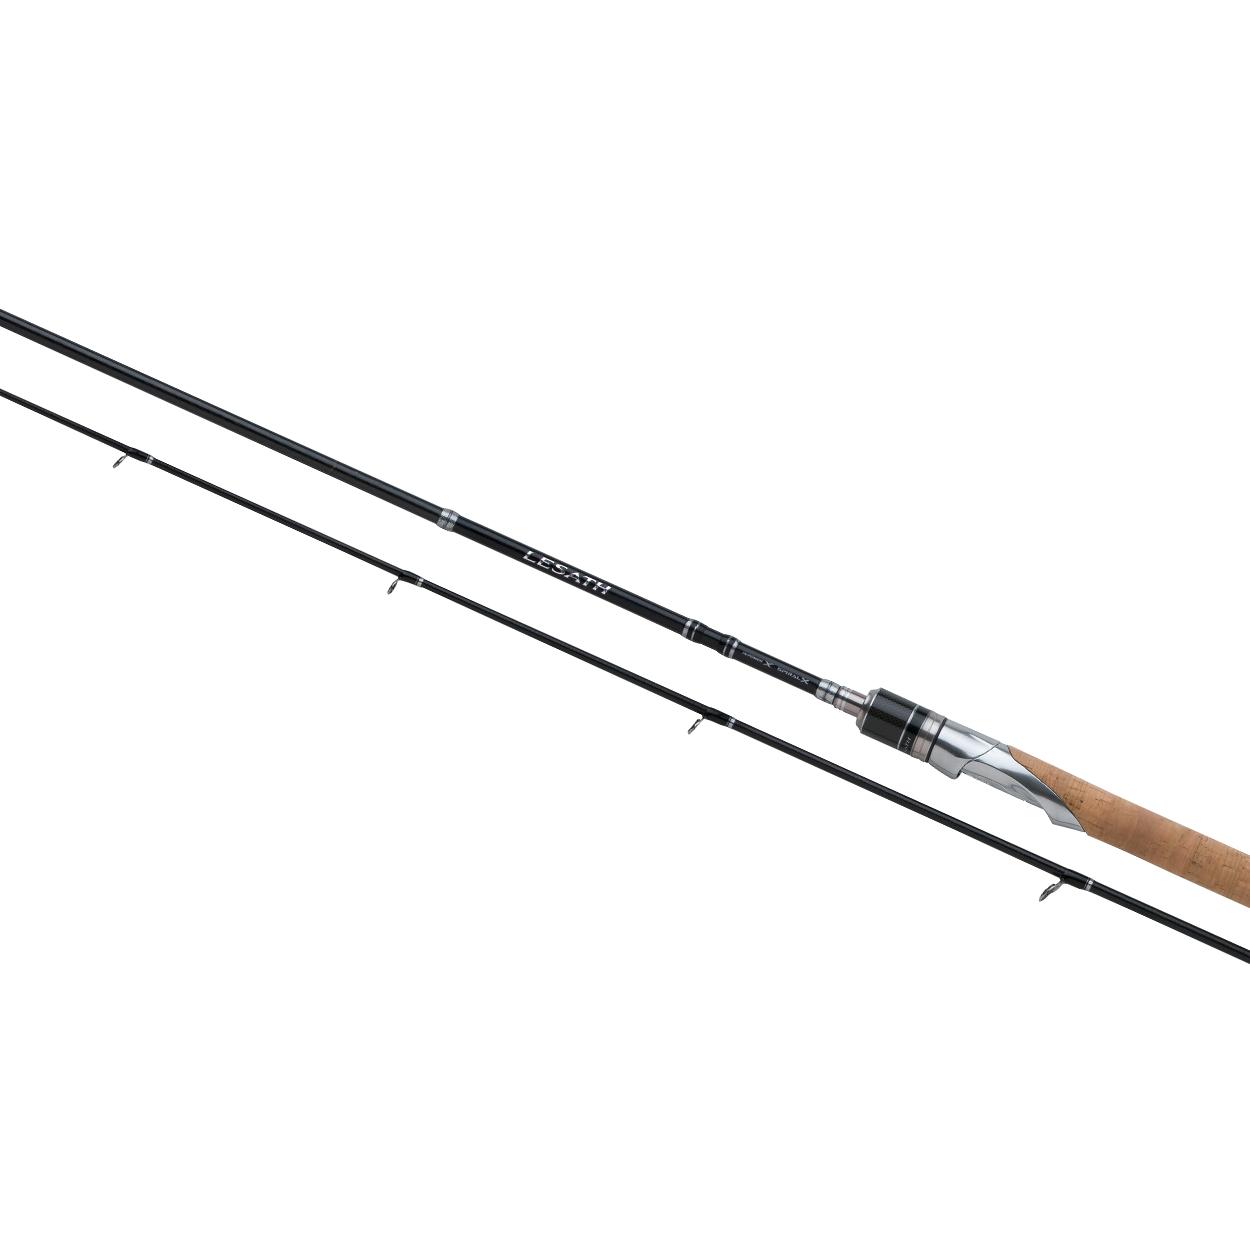 Удилище спиннинговое Shimano LESATH DX SPINNING 270 ML (+ Леска в подарок!)